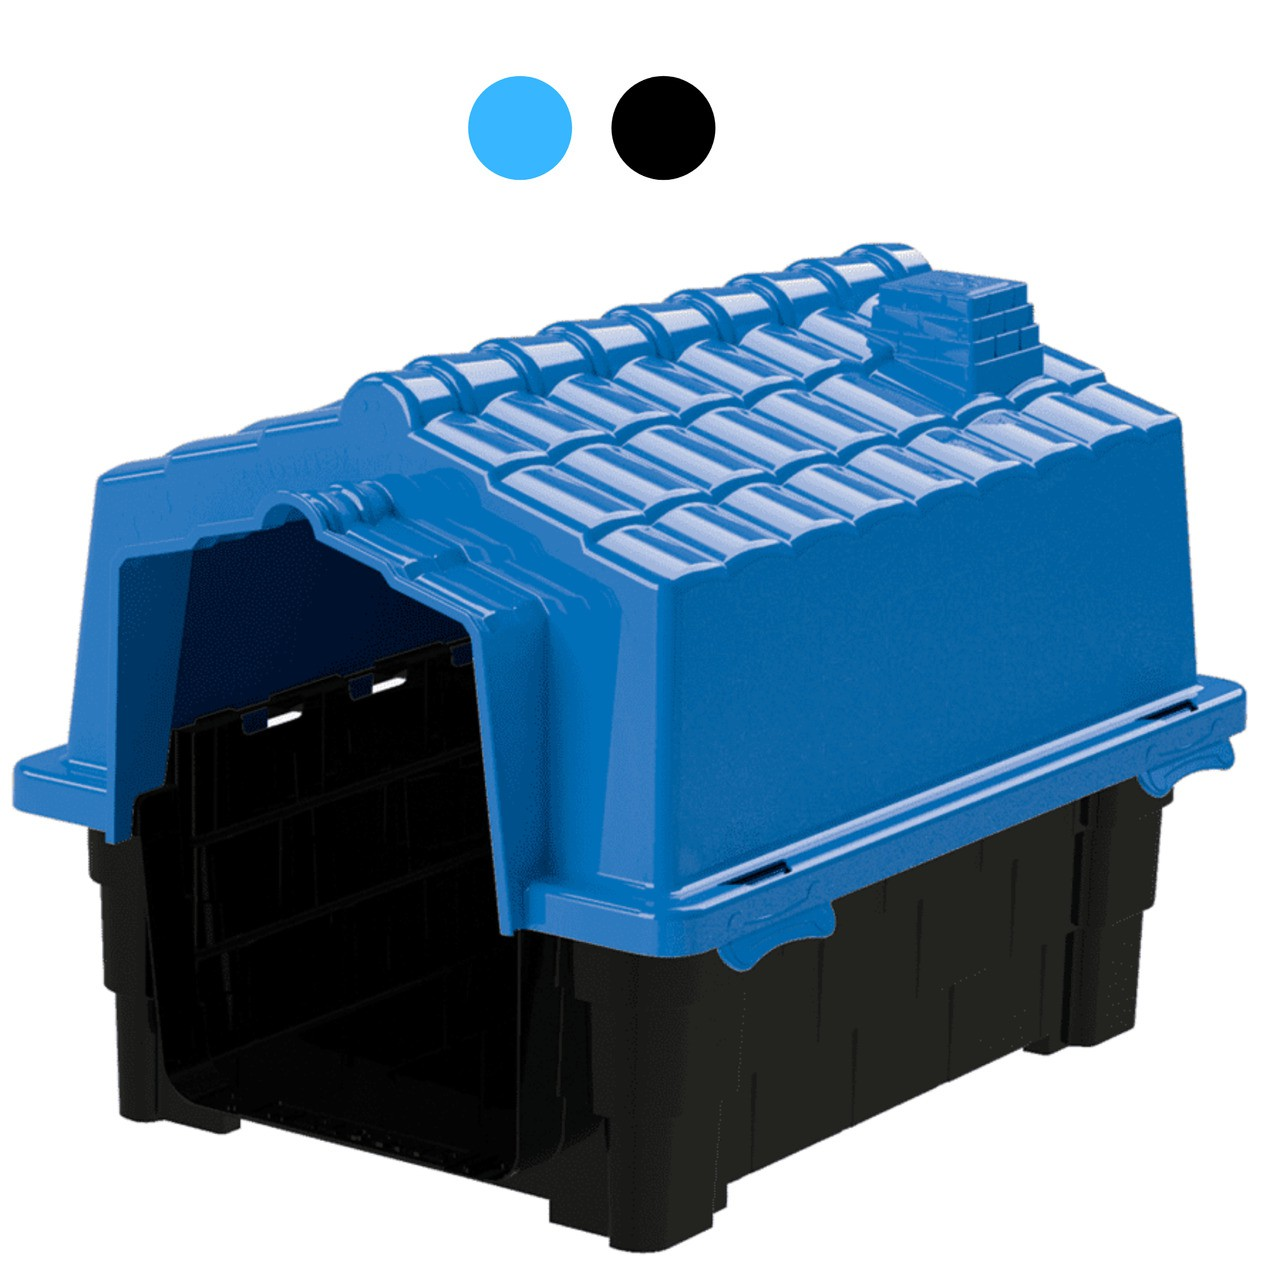 Casa Pet Injet Prime Colors Dog House Evolution Azul ou Preta